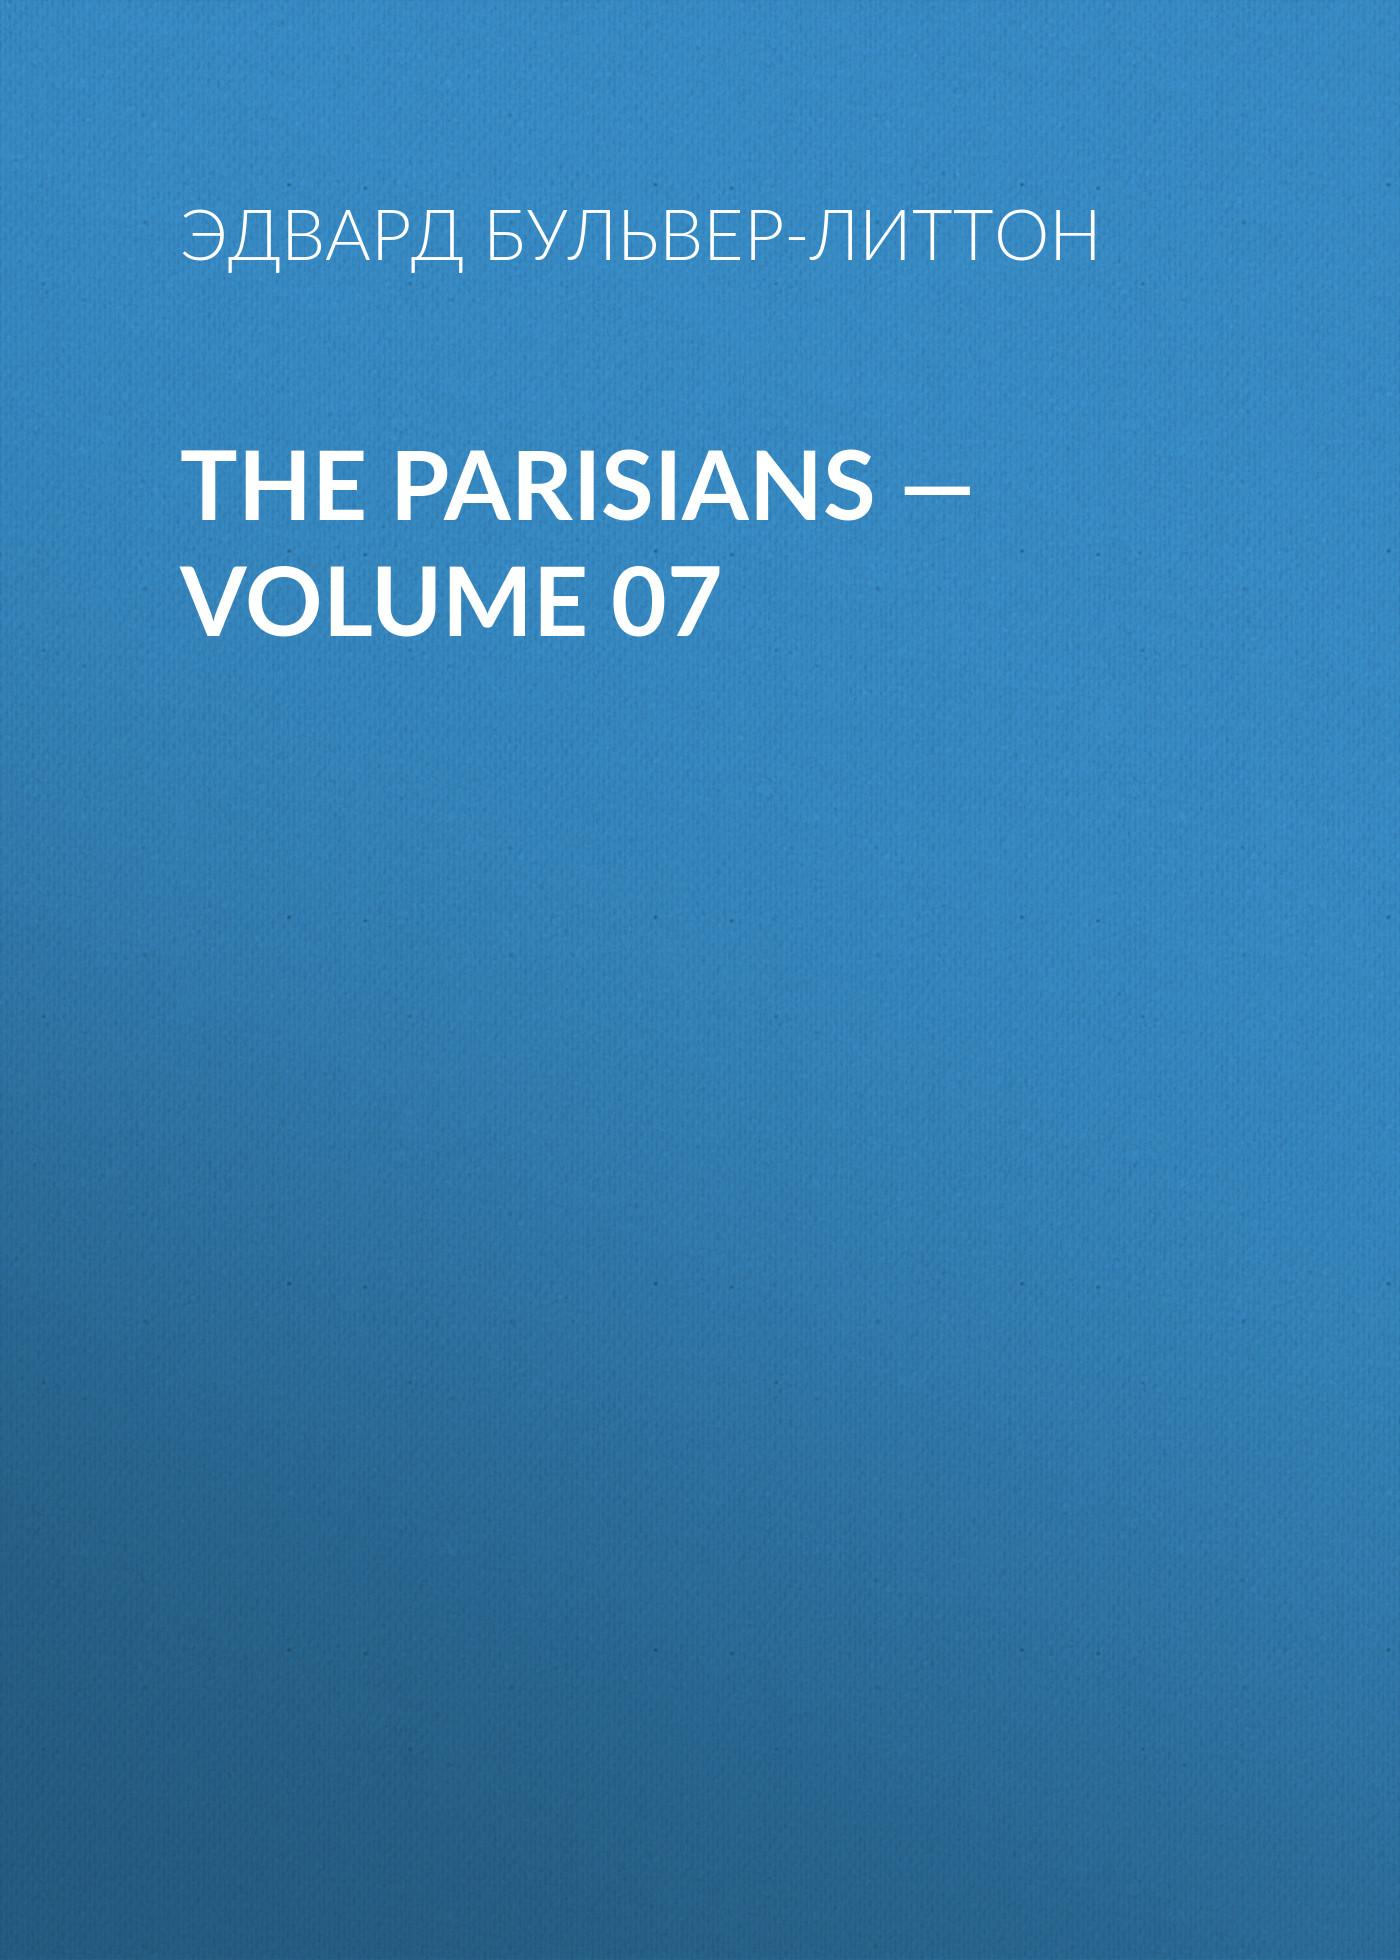 Эдвард Бульвер-Литтон The Parisians — Volume 07 эдвард бульвер литтон the parisians volume 02